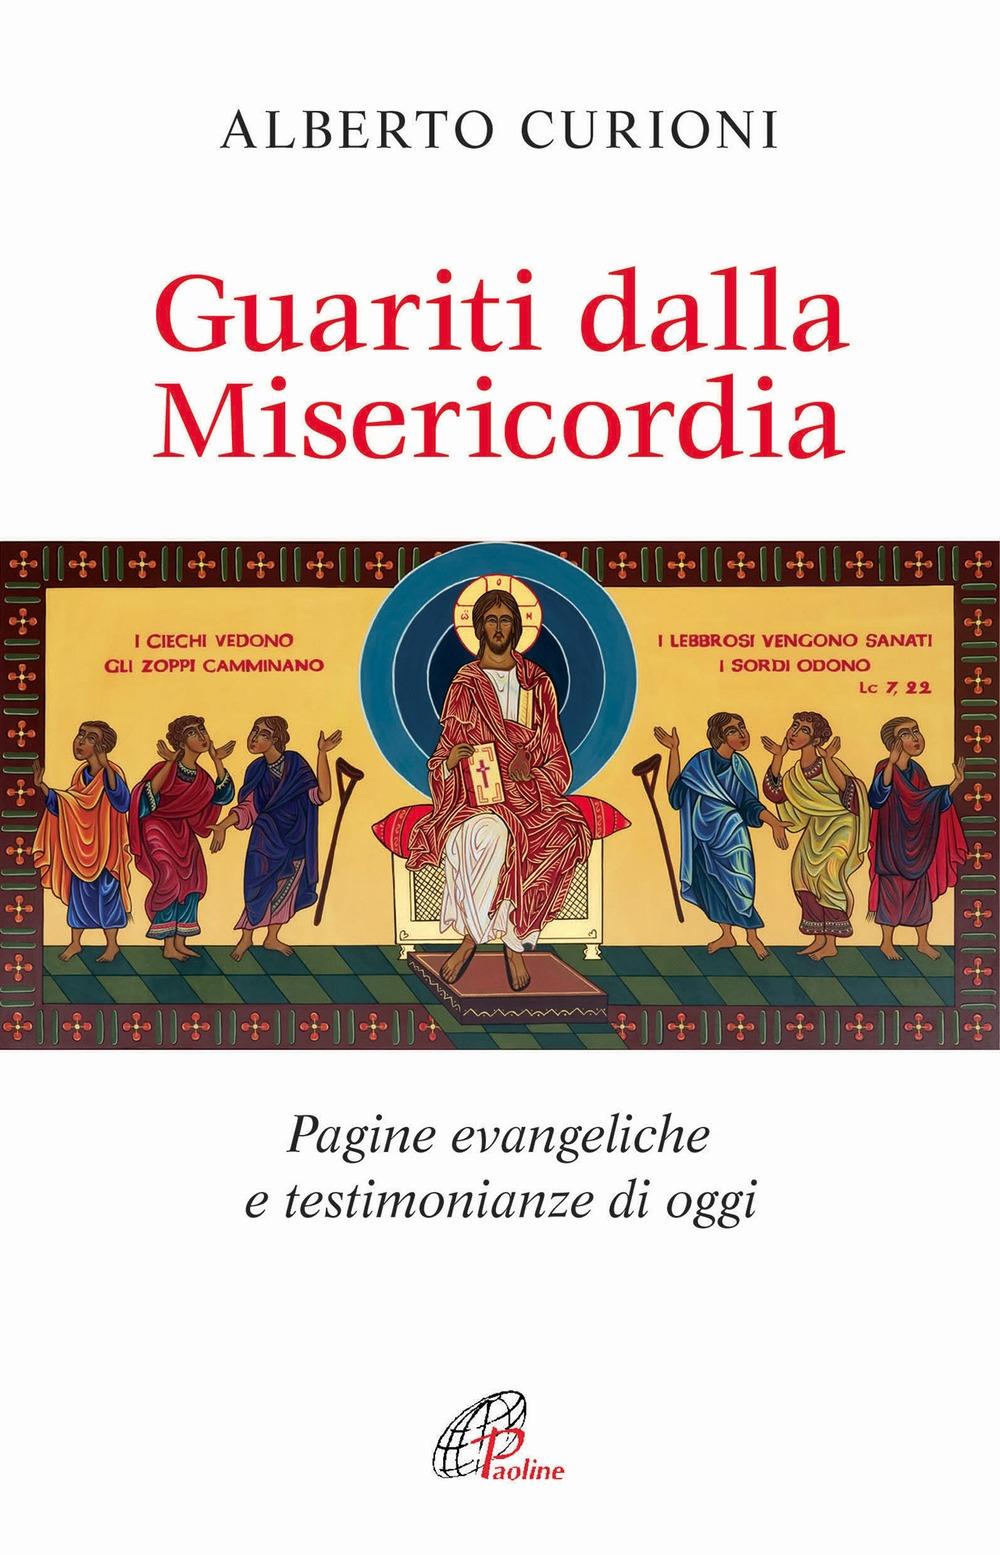 Guariti dalla misericordia. Pagine evangeliche e testimonianze di oggi.